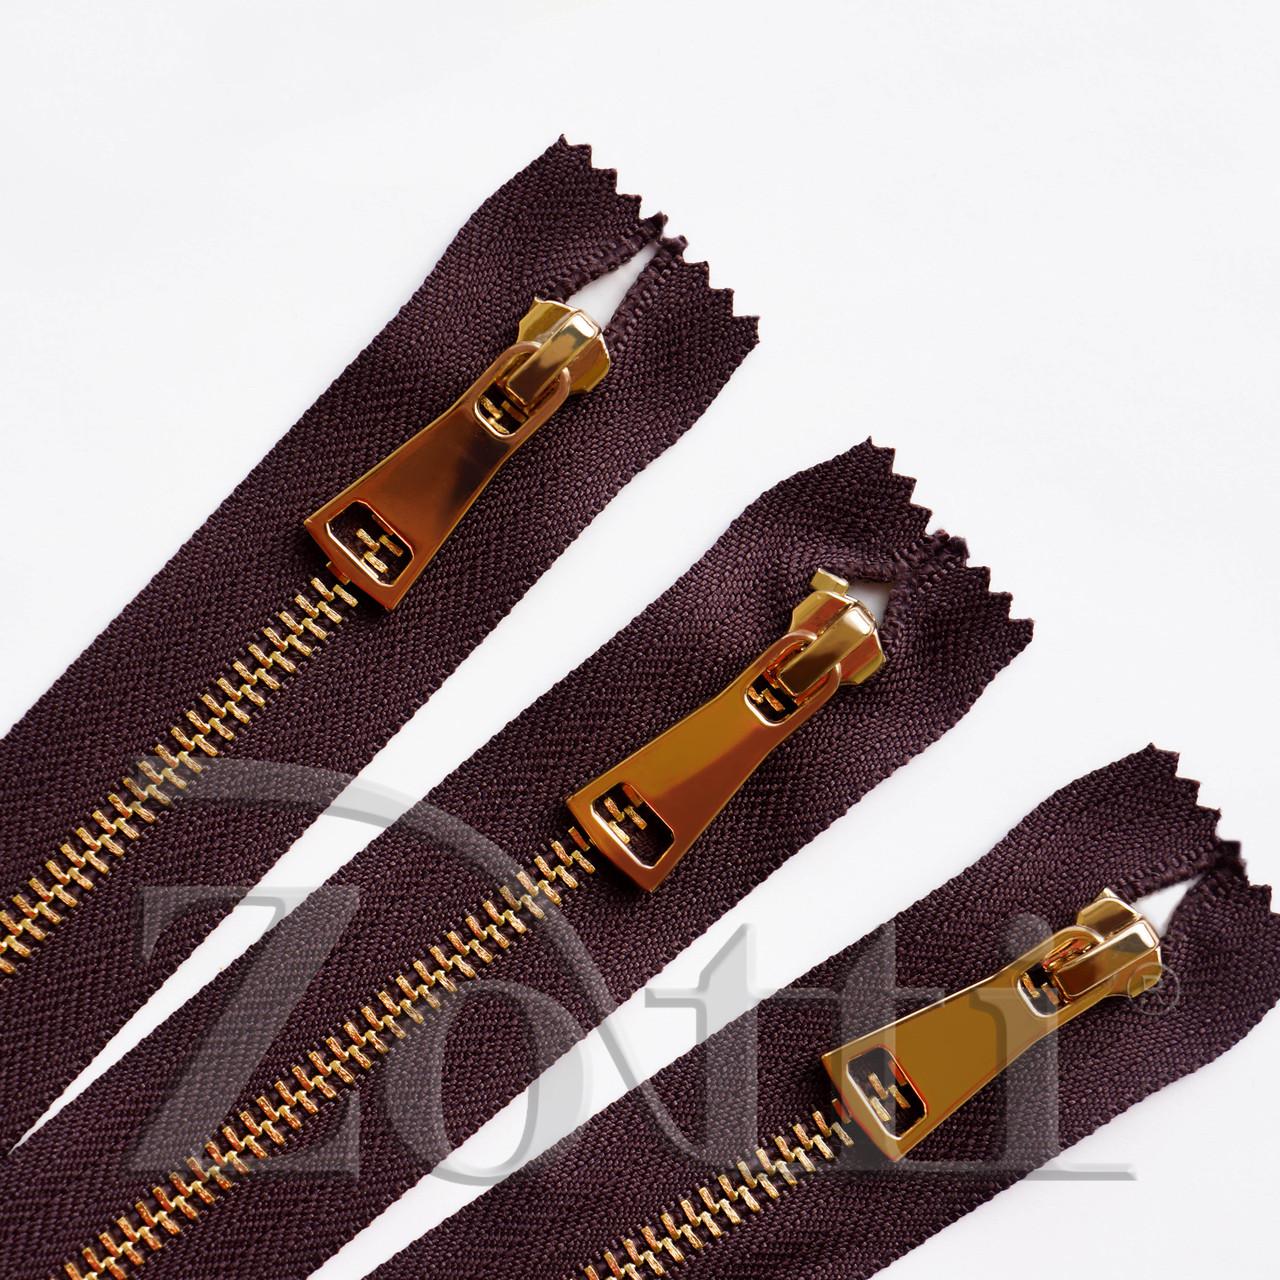 Молния (змейка,застежка) металлическая №5, размерная, обувная, коричневая, с золотым бегунком № 115 - 30 см